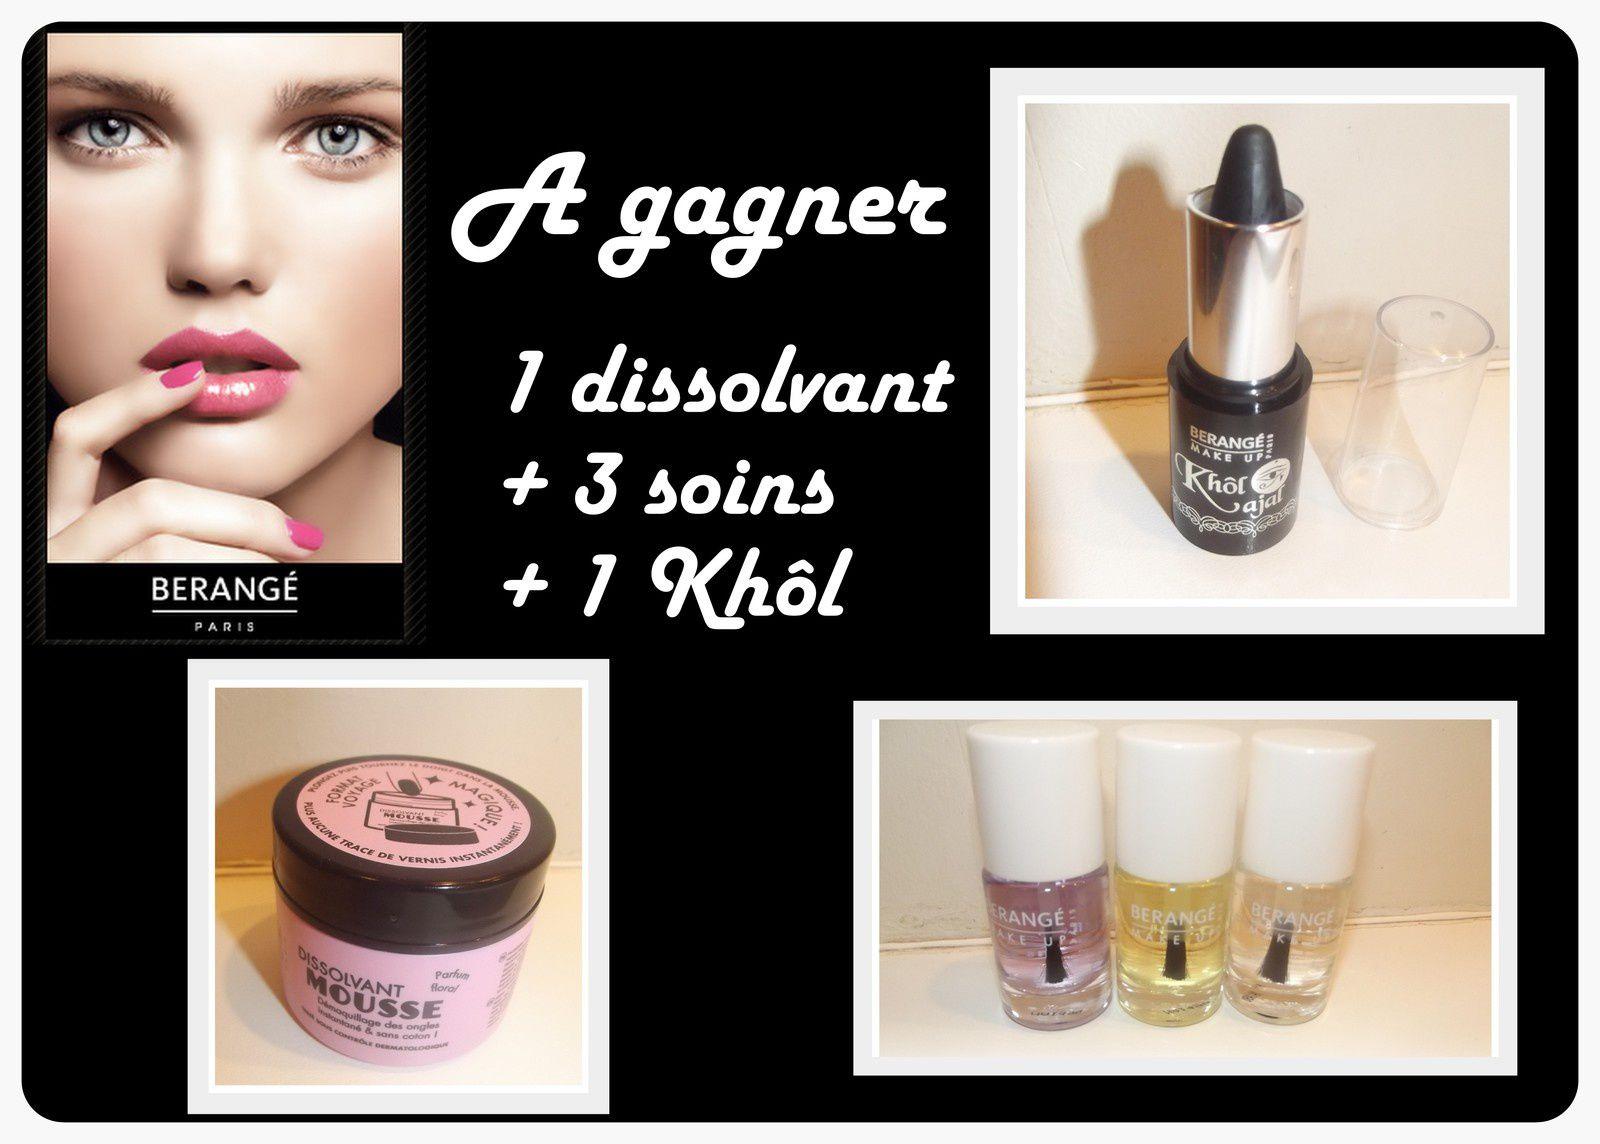 [resultat] Se faire belle avec Bérangé make up #test #concours